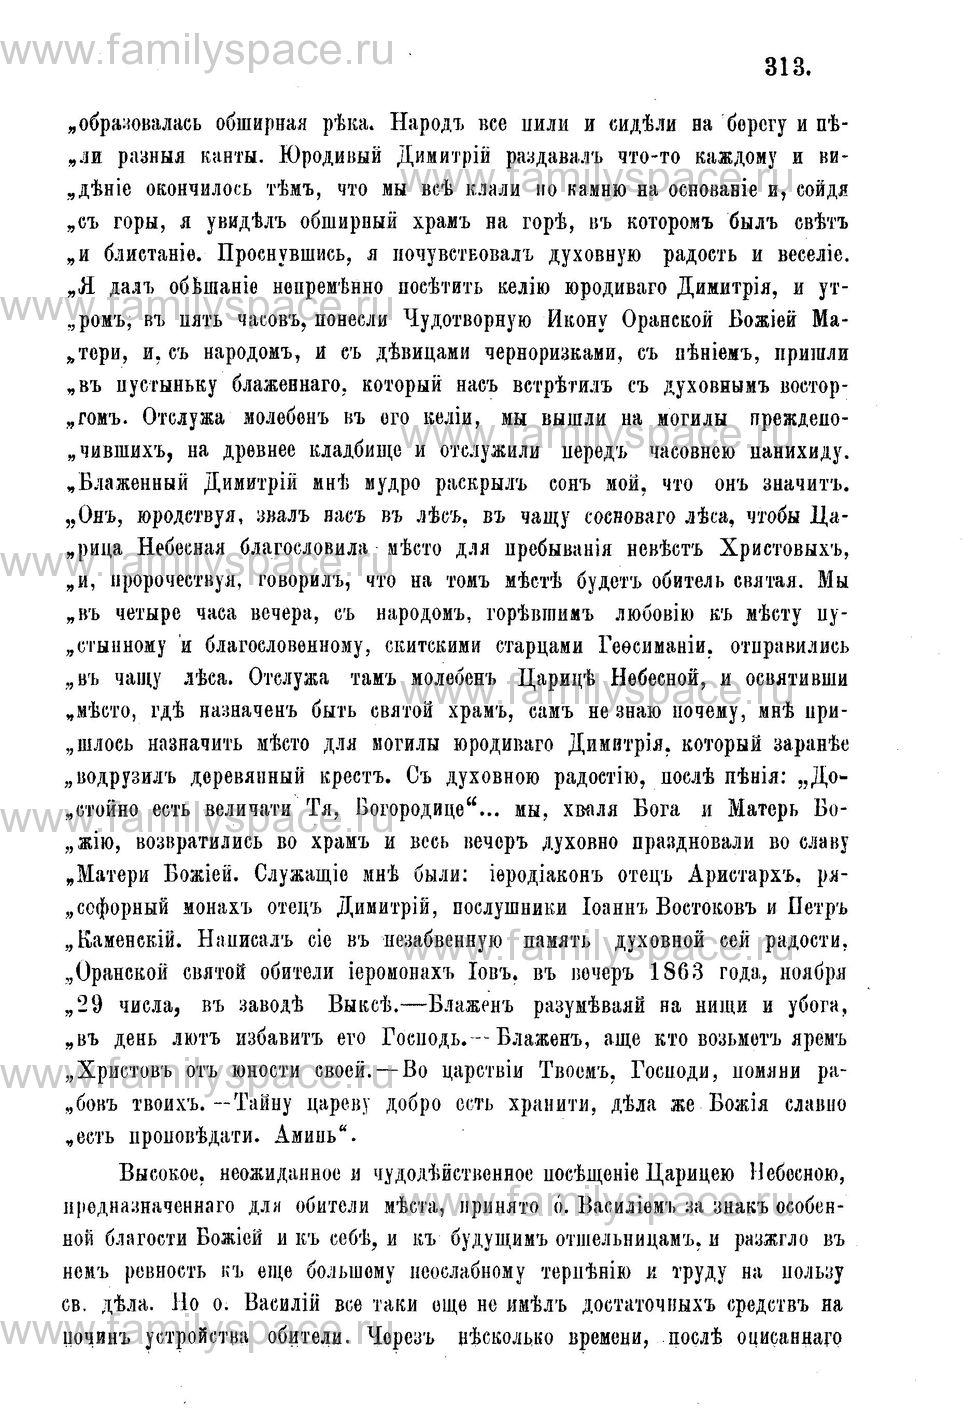 Поиск по фамилии - Адрес-календарь Нижегородской епархии на 1888 год, страница 1313